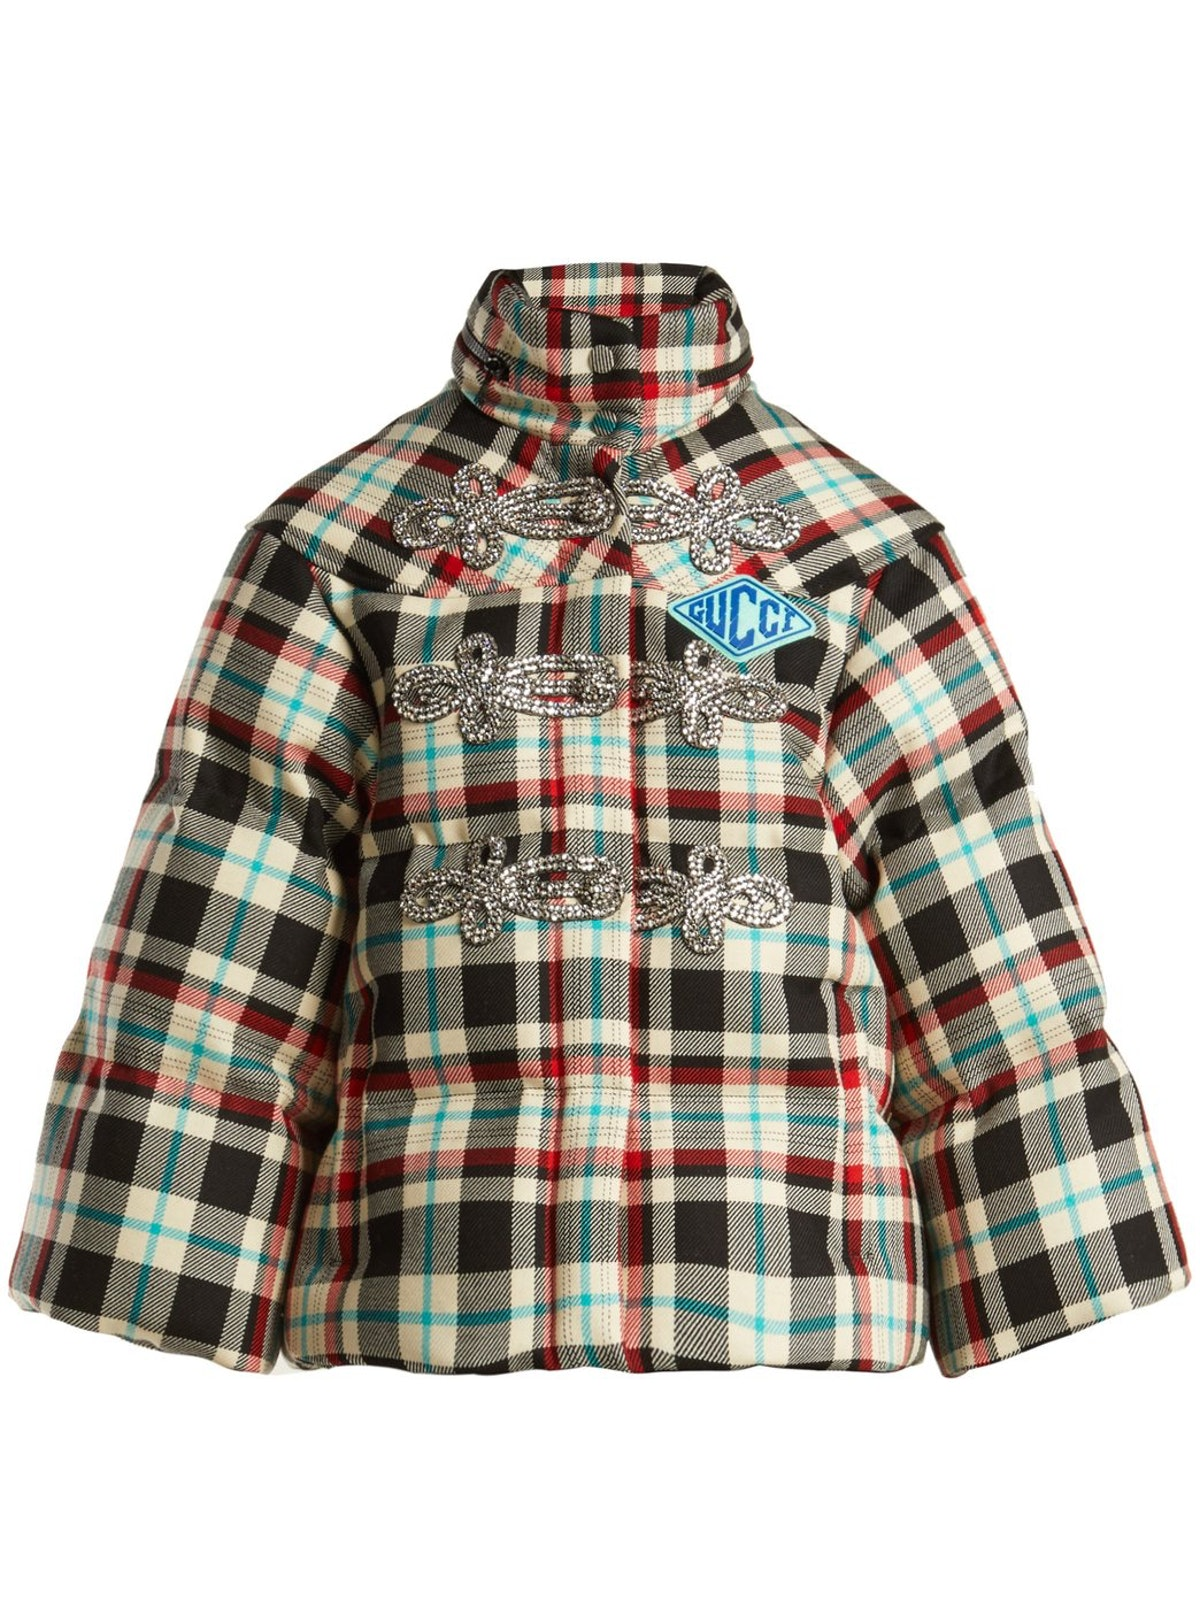 Embellished Tartan Wool Down Jacket